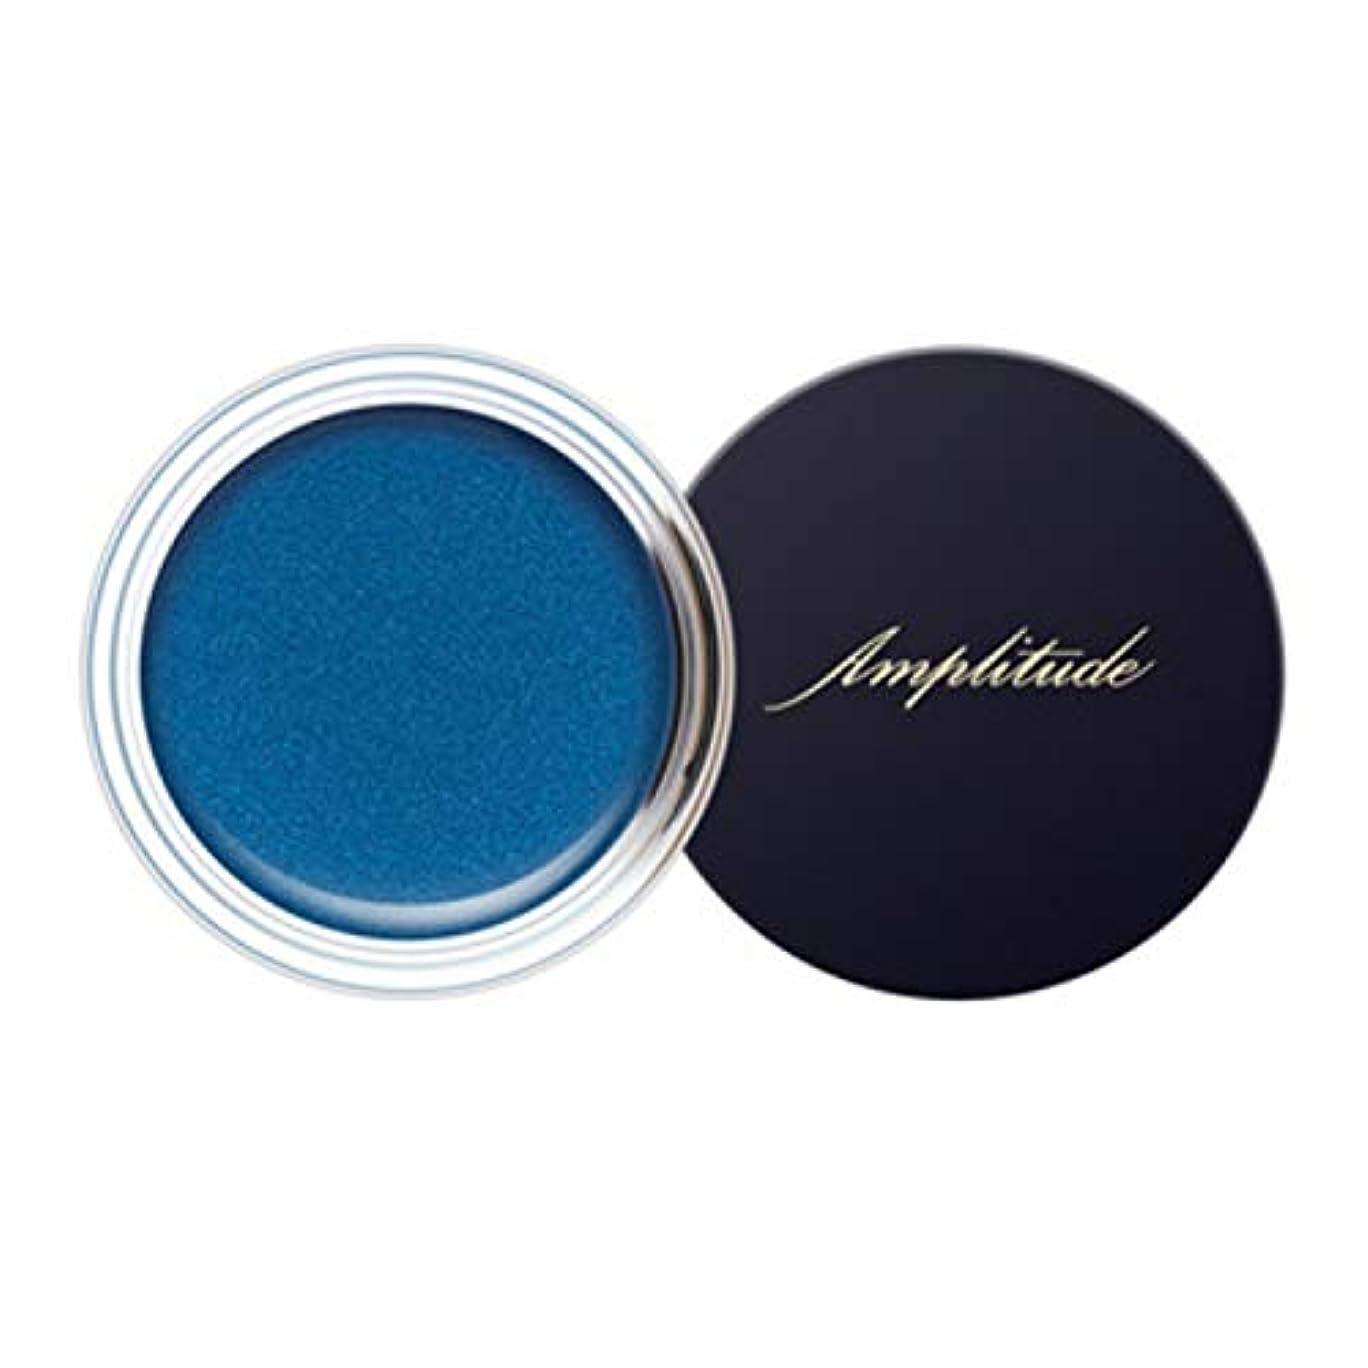 マウント動機有効化Amplitude アンプリチュード コンスピキュアス クリームアイズ 04 ブルー